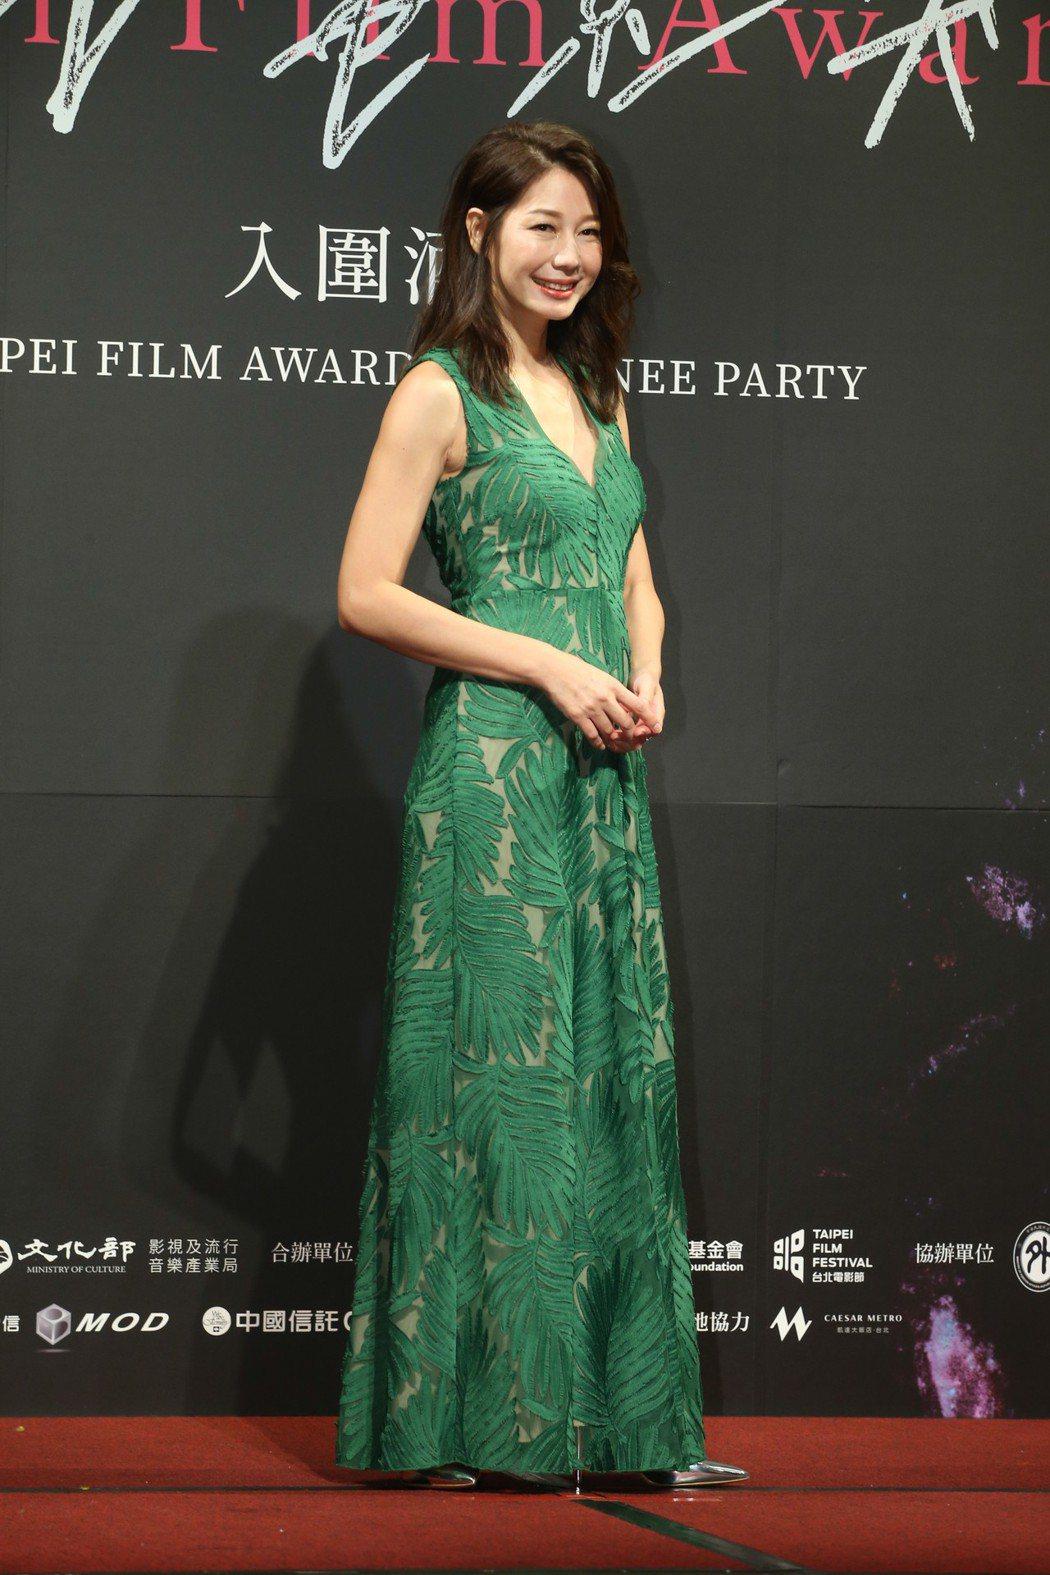 最佳女配角入圍者丁寧昨天出席台北電影獎入圍酒會。記者葉信菉/攝影 葉信菉